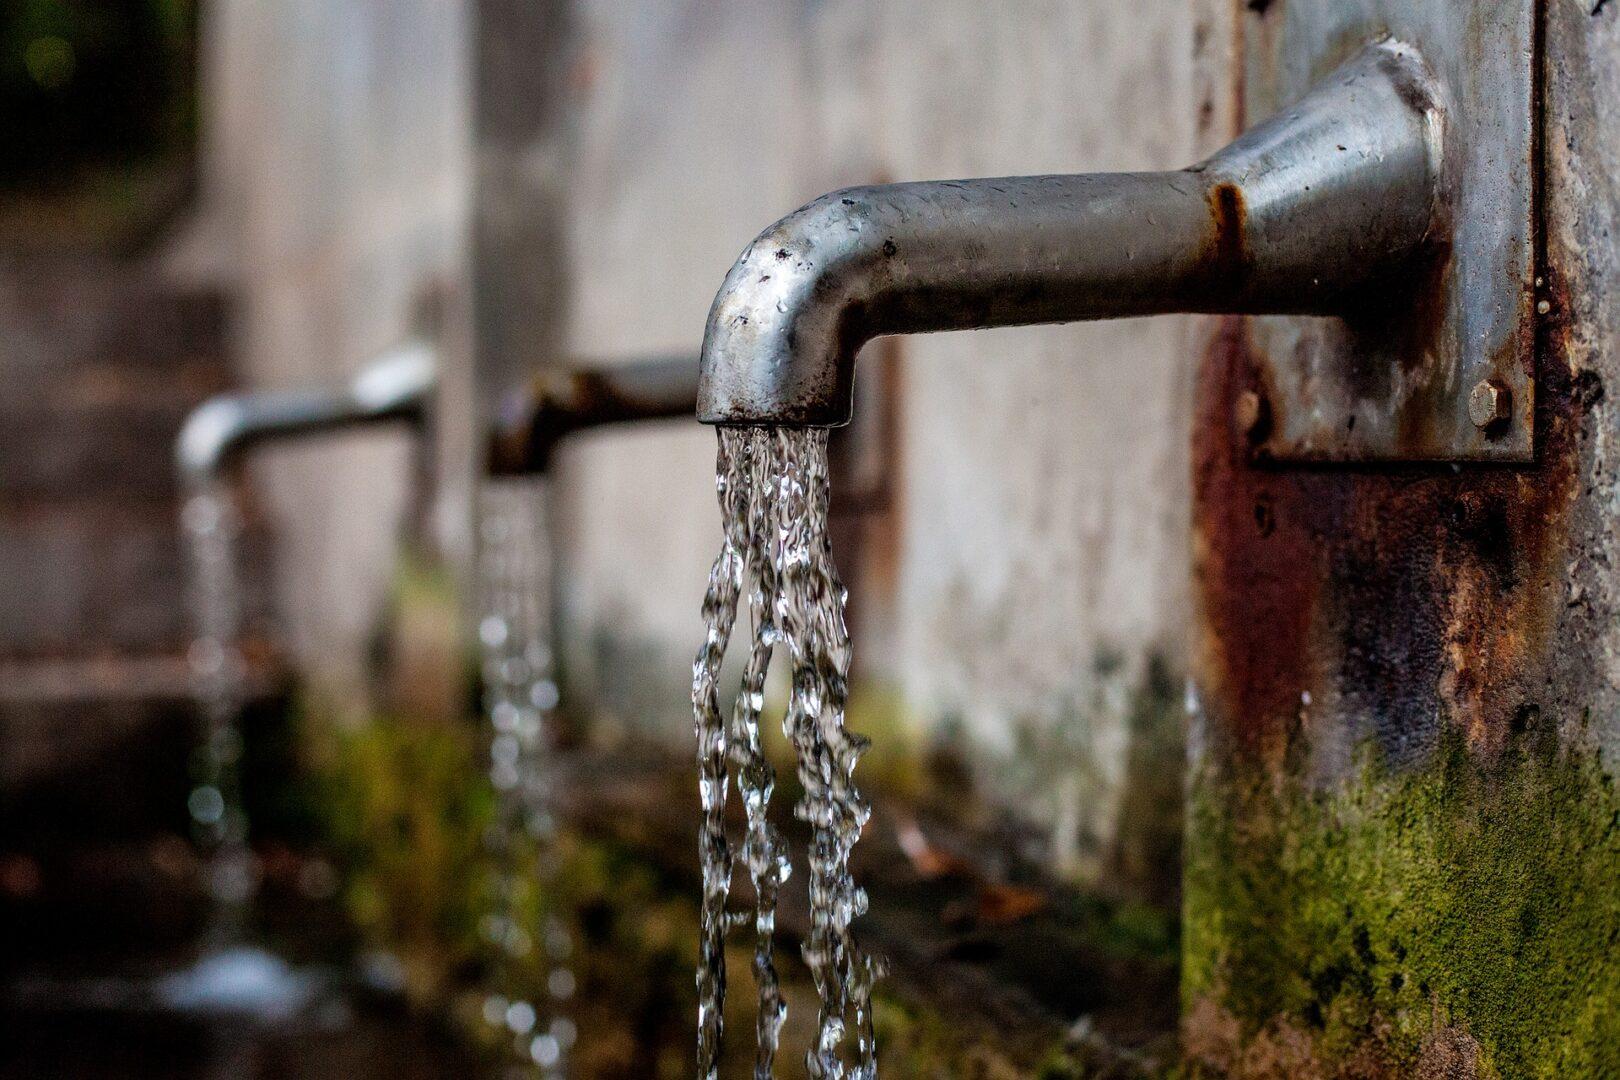 NVO in civilne iniciative onemogočajo marsikomu normalno življenje. V ta sklop spada tudi pitna voda.